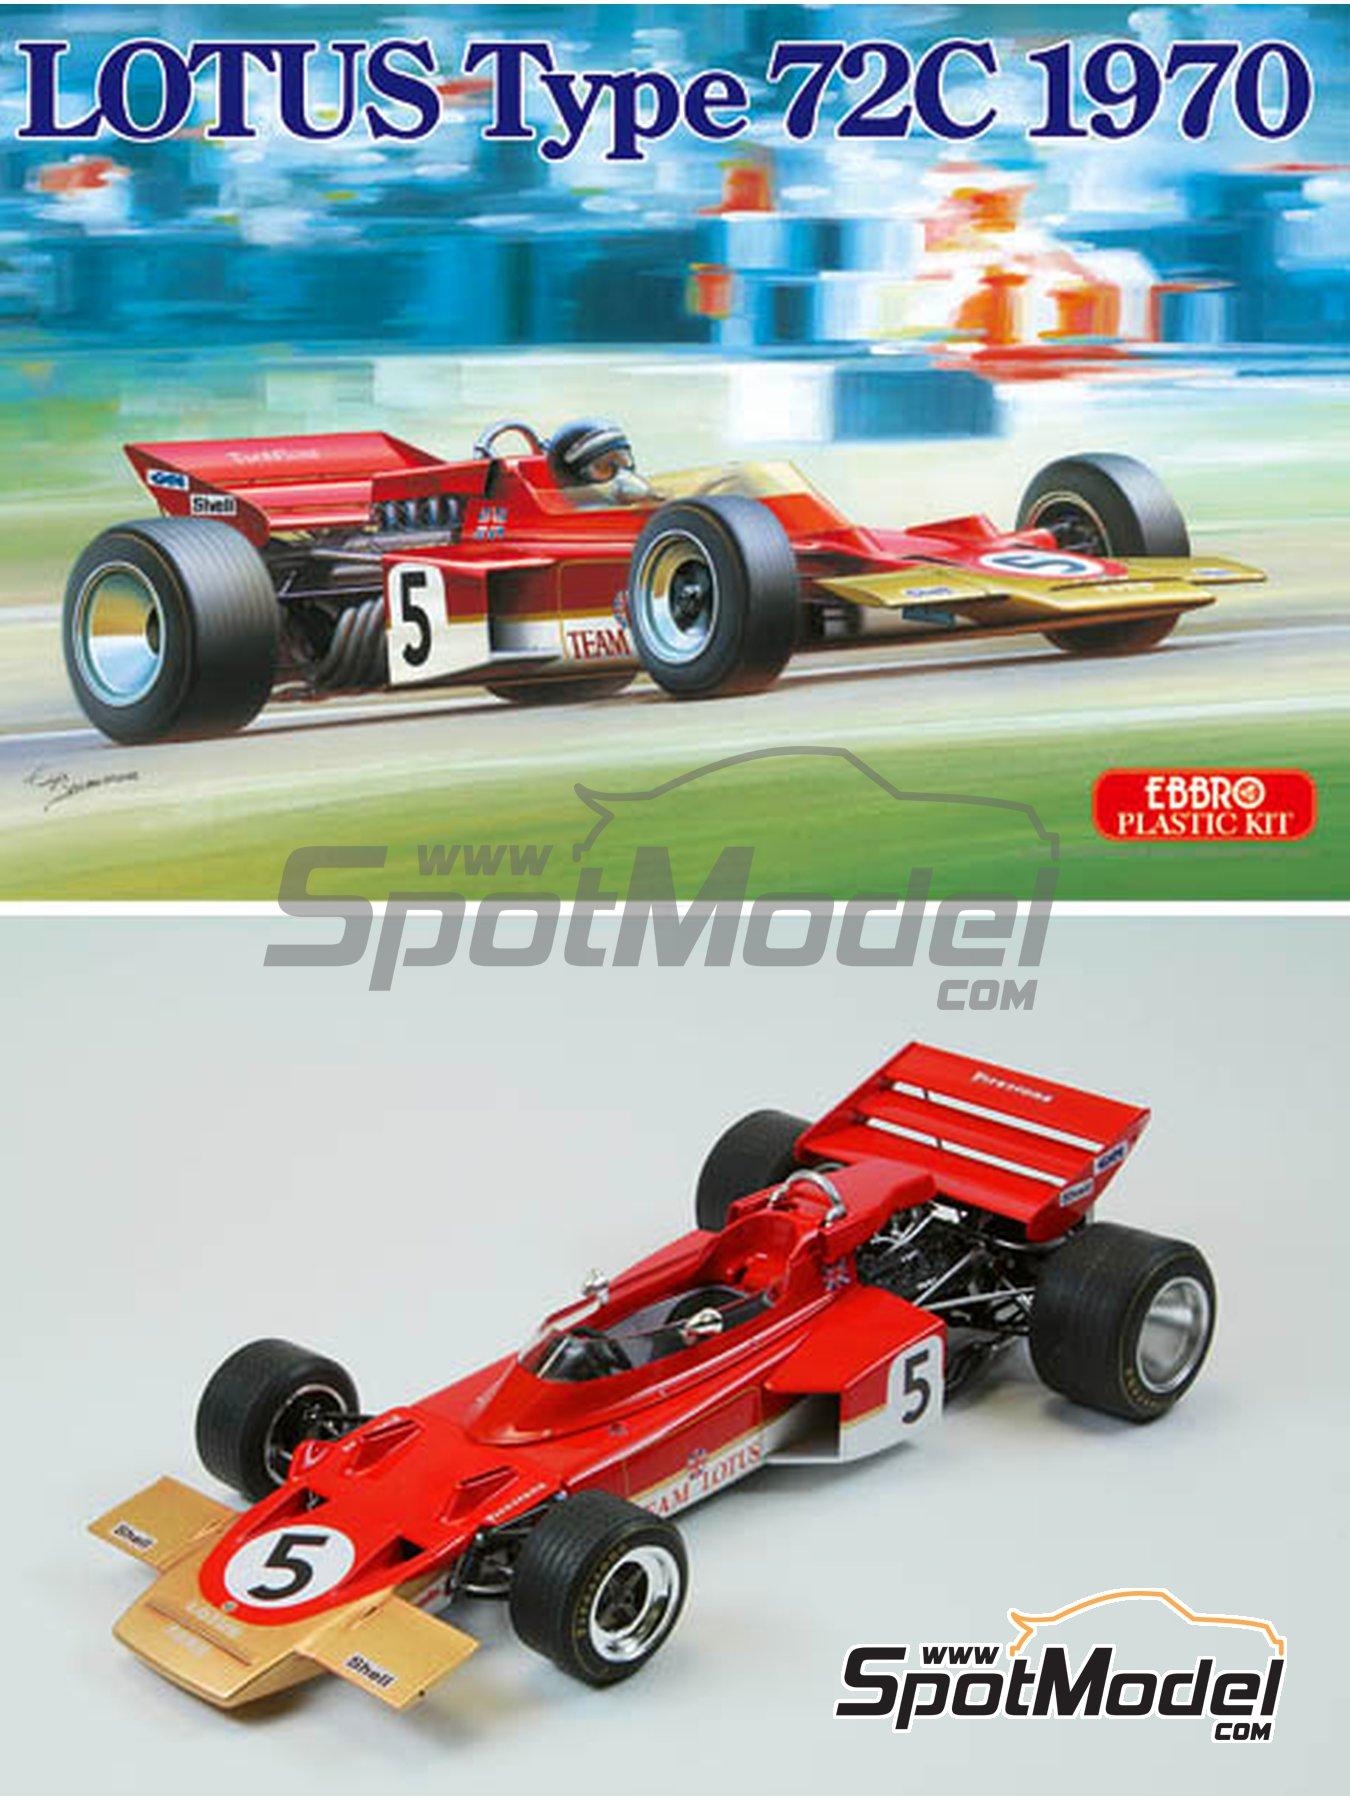 Lotus Ford Type 72C Gold Leaf - Campeonato del Mundo de Formula1 1970 | Maqueta de coche en escala1/20 fabricado por Ebbro (ref.EBR20001, tambien 20001 y EBRPK-01) image